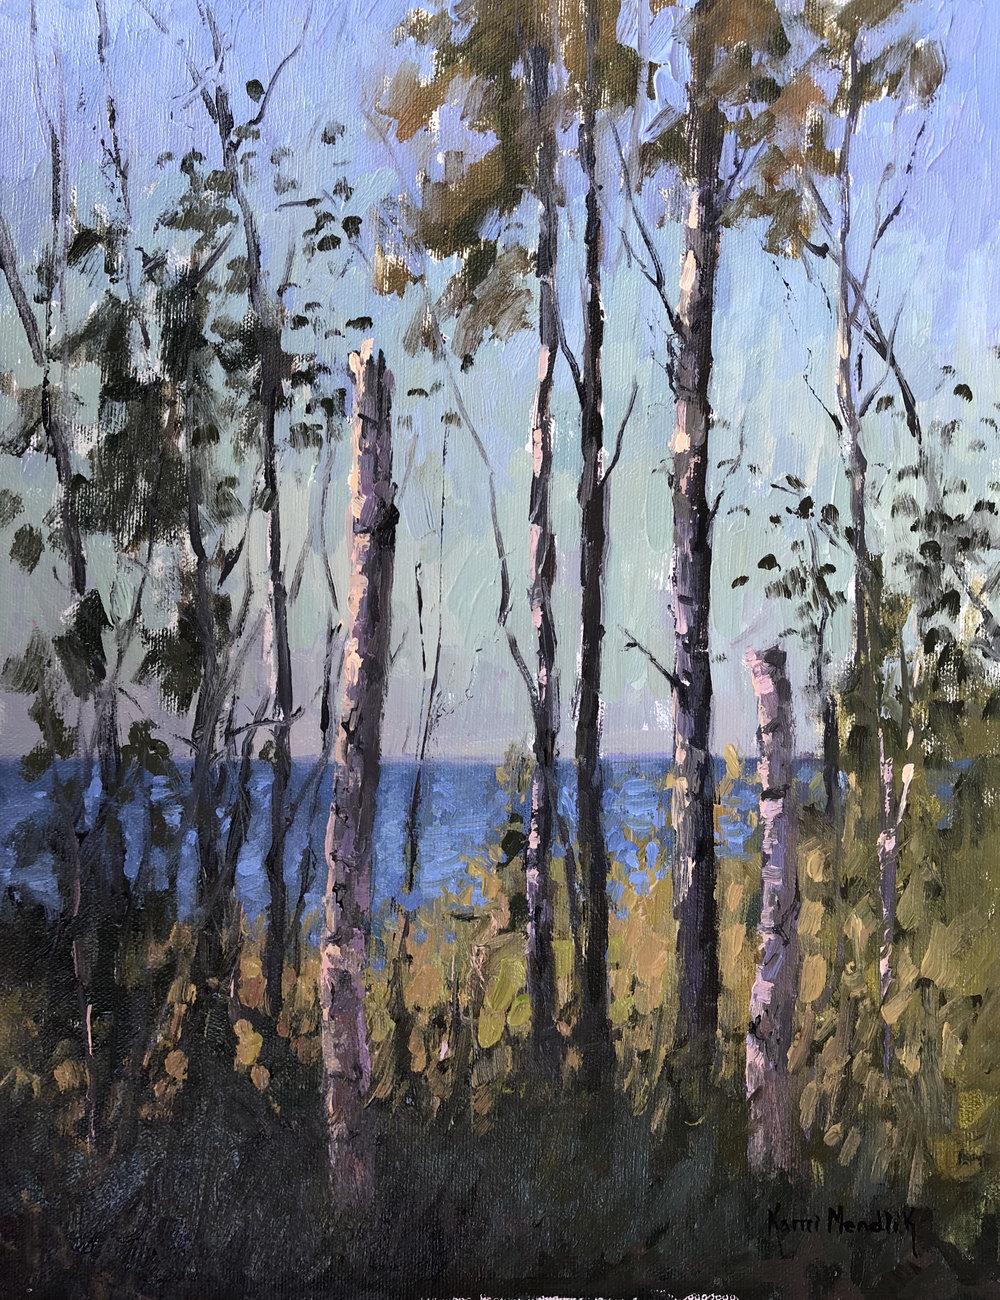 Birch trees painting by Kami Mendlik